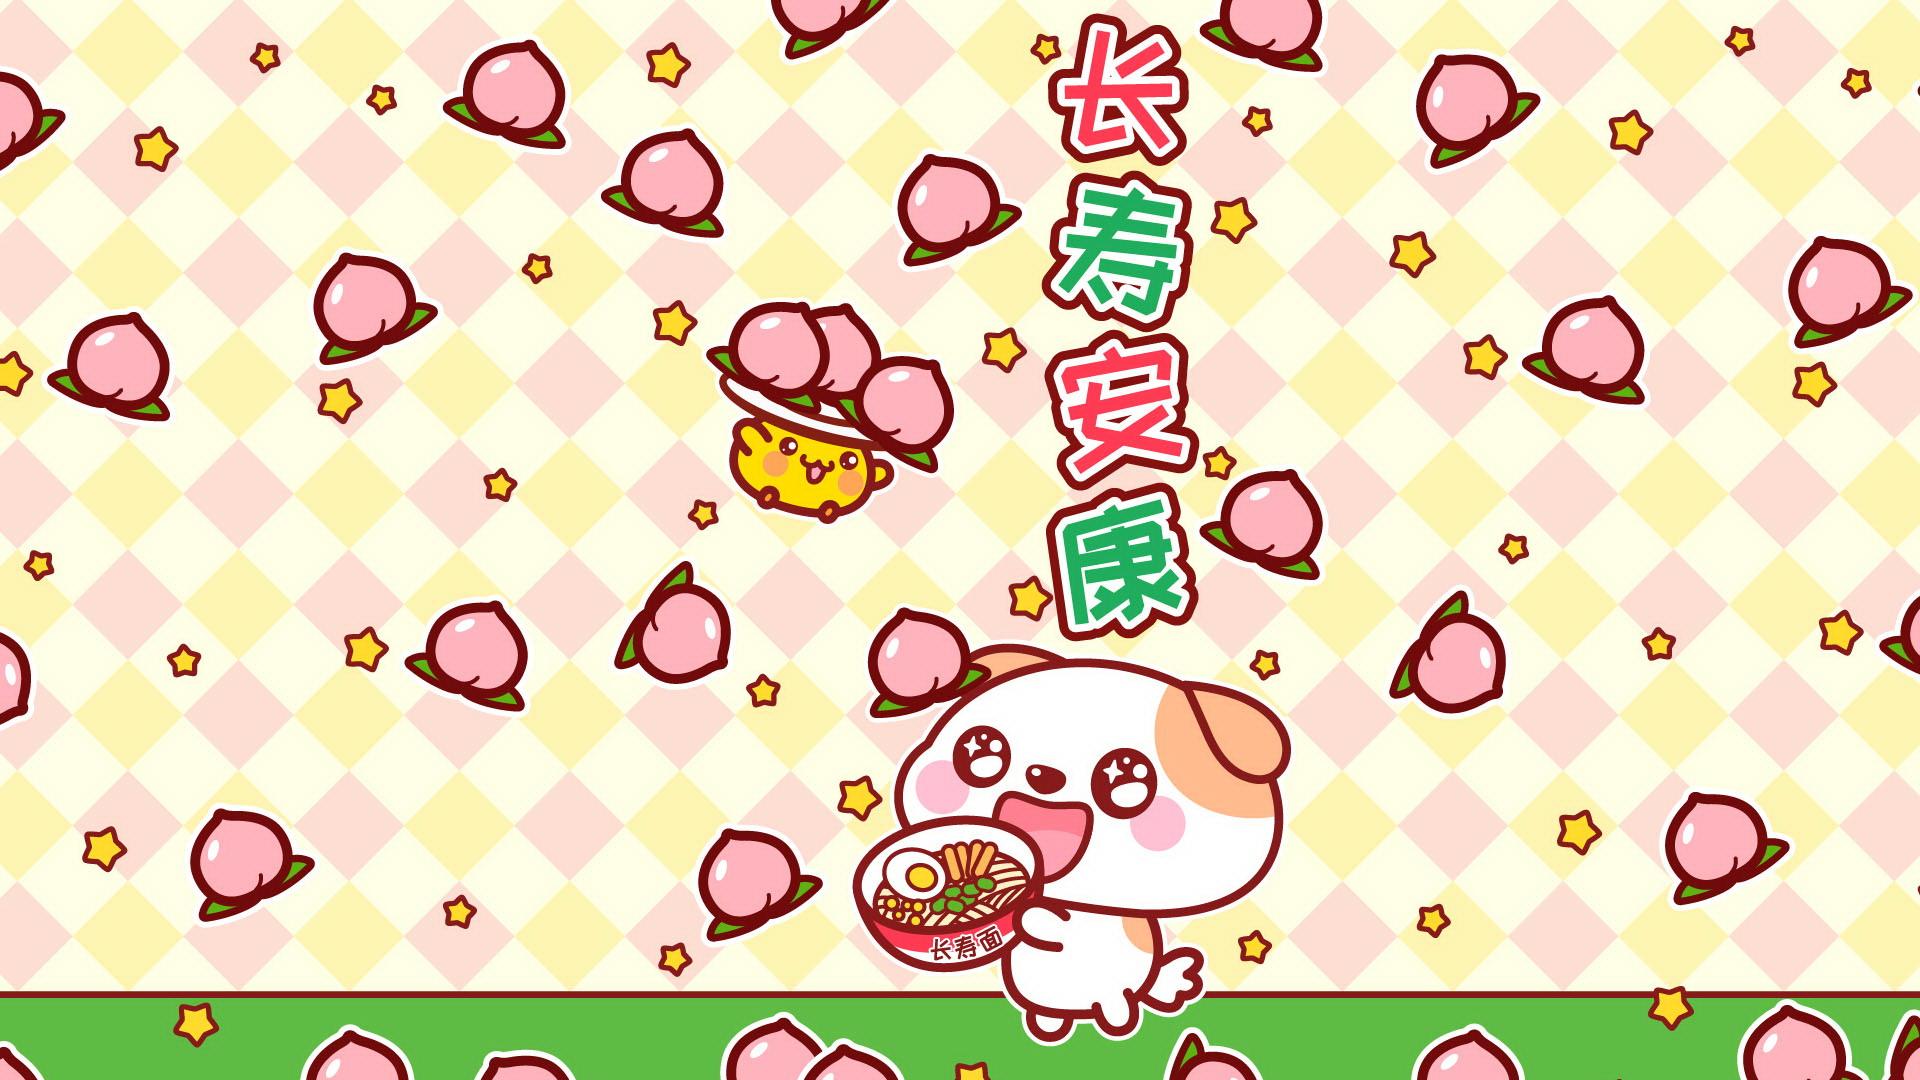 秋田君生日快乐 可爱卡通宽屏壁纸(壁纸7)